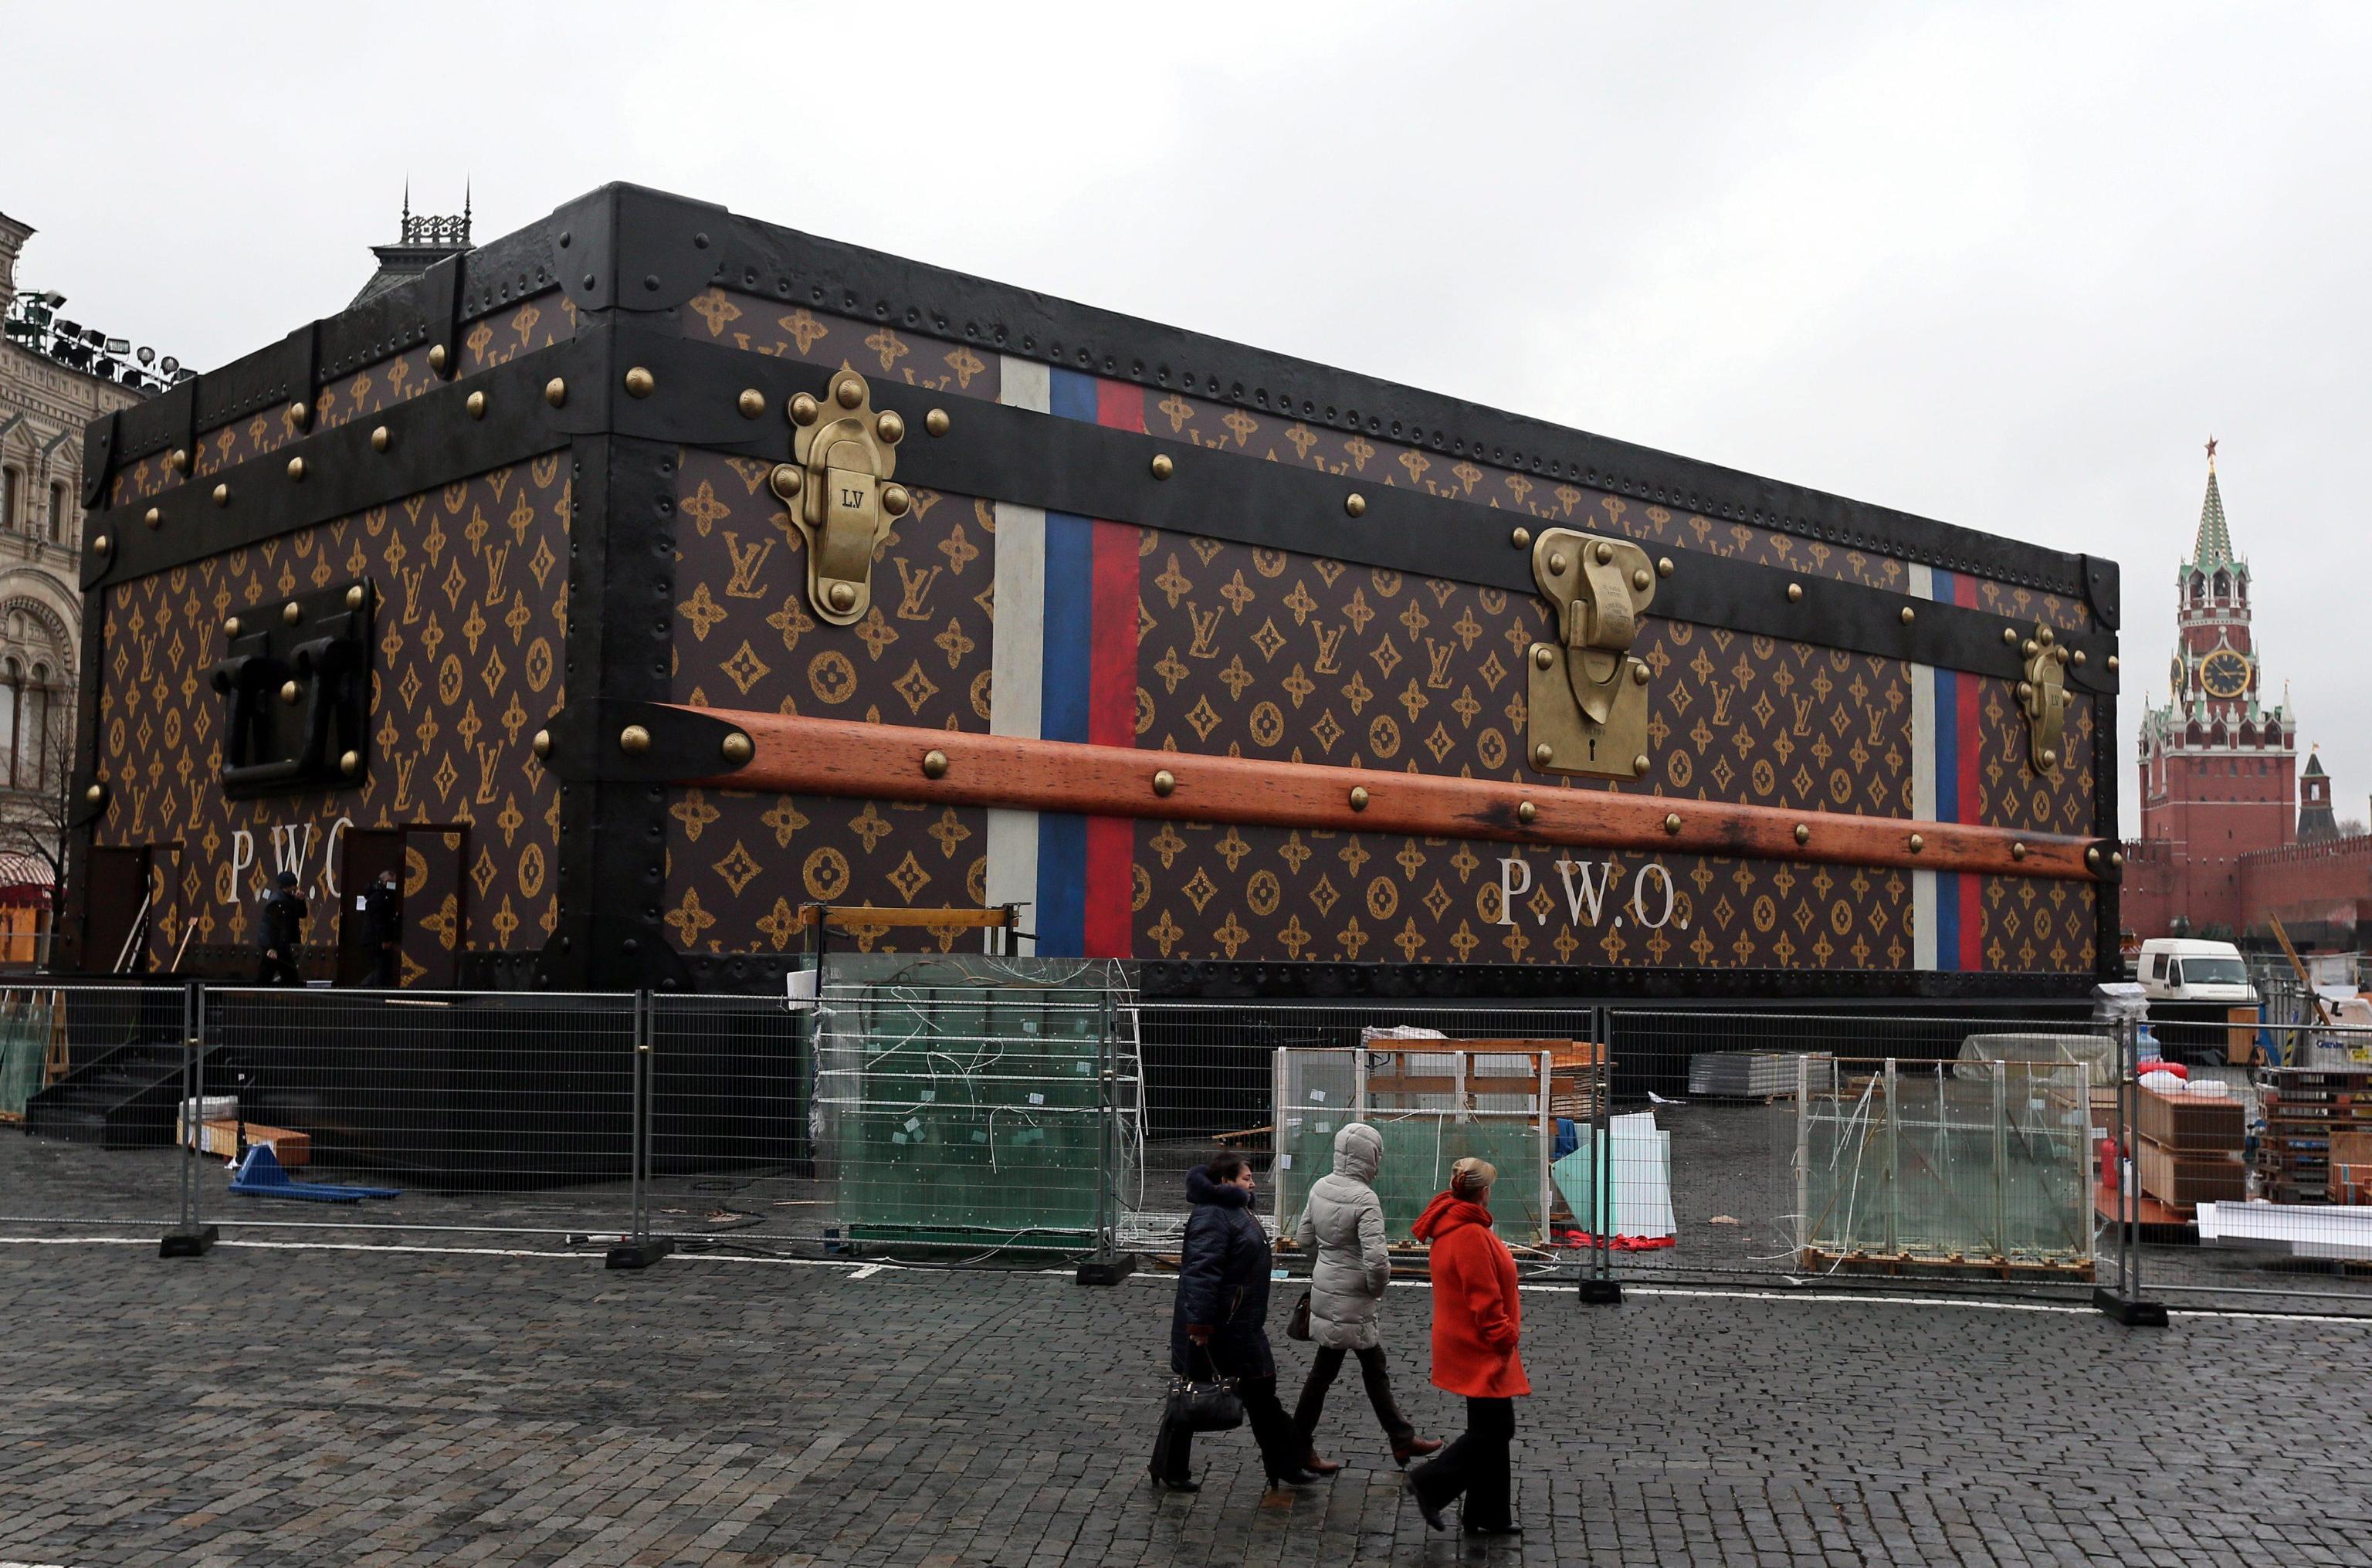 La maxi-valigia Louis Vuitton nella piazza Rossa di Mosca fa infuriare i comunisti russi